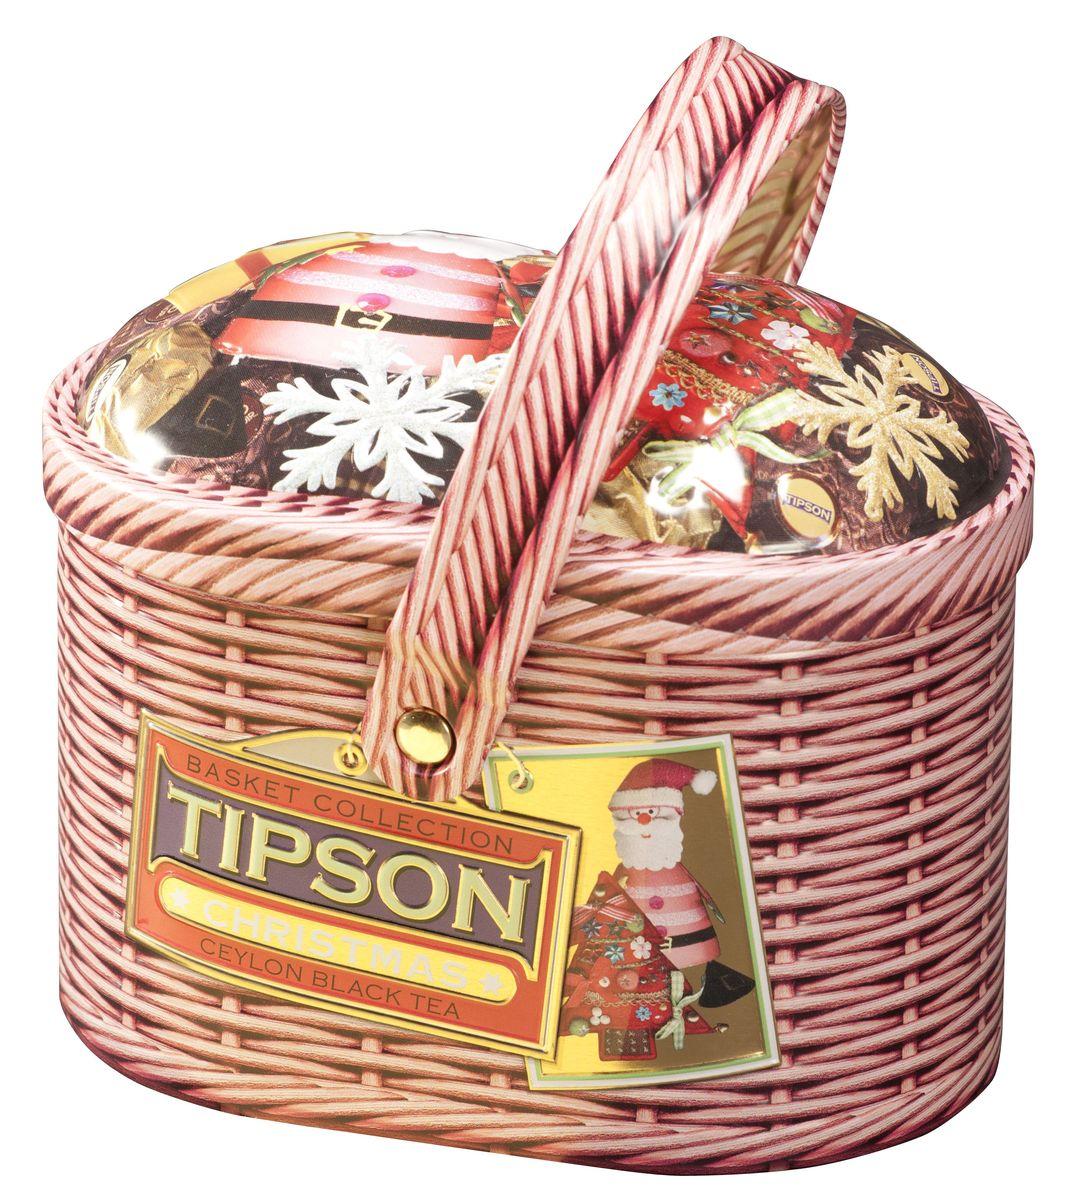 Tipson Christmas черный листовой чай, 100 г (жестяная банка)0120710Чай чёрный цейлонский байховый листовой Tipson Christmas с кусочками вишни, лепестками амаранта и василька и ароматом ванили.